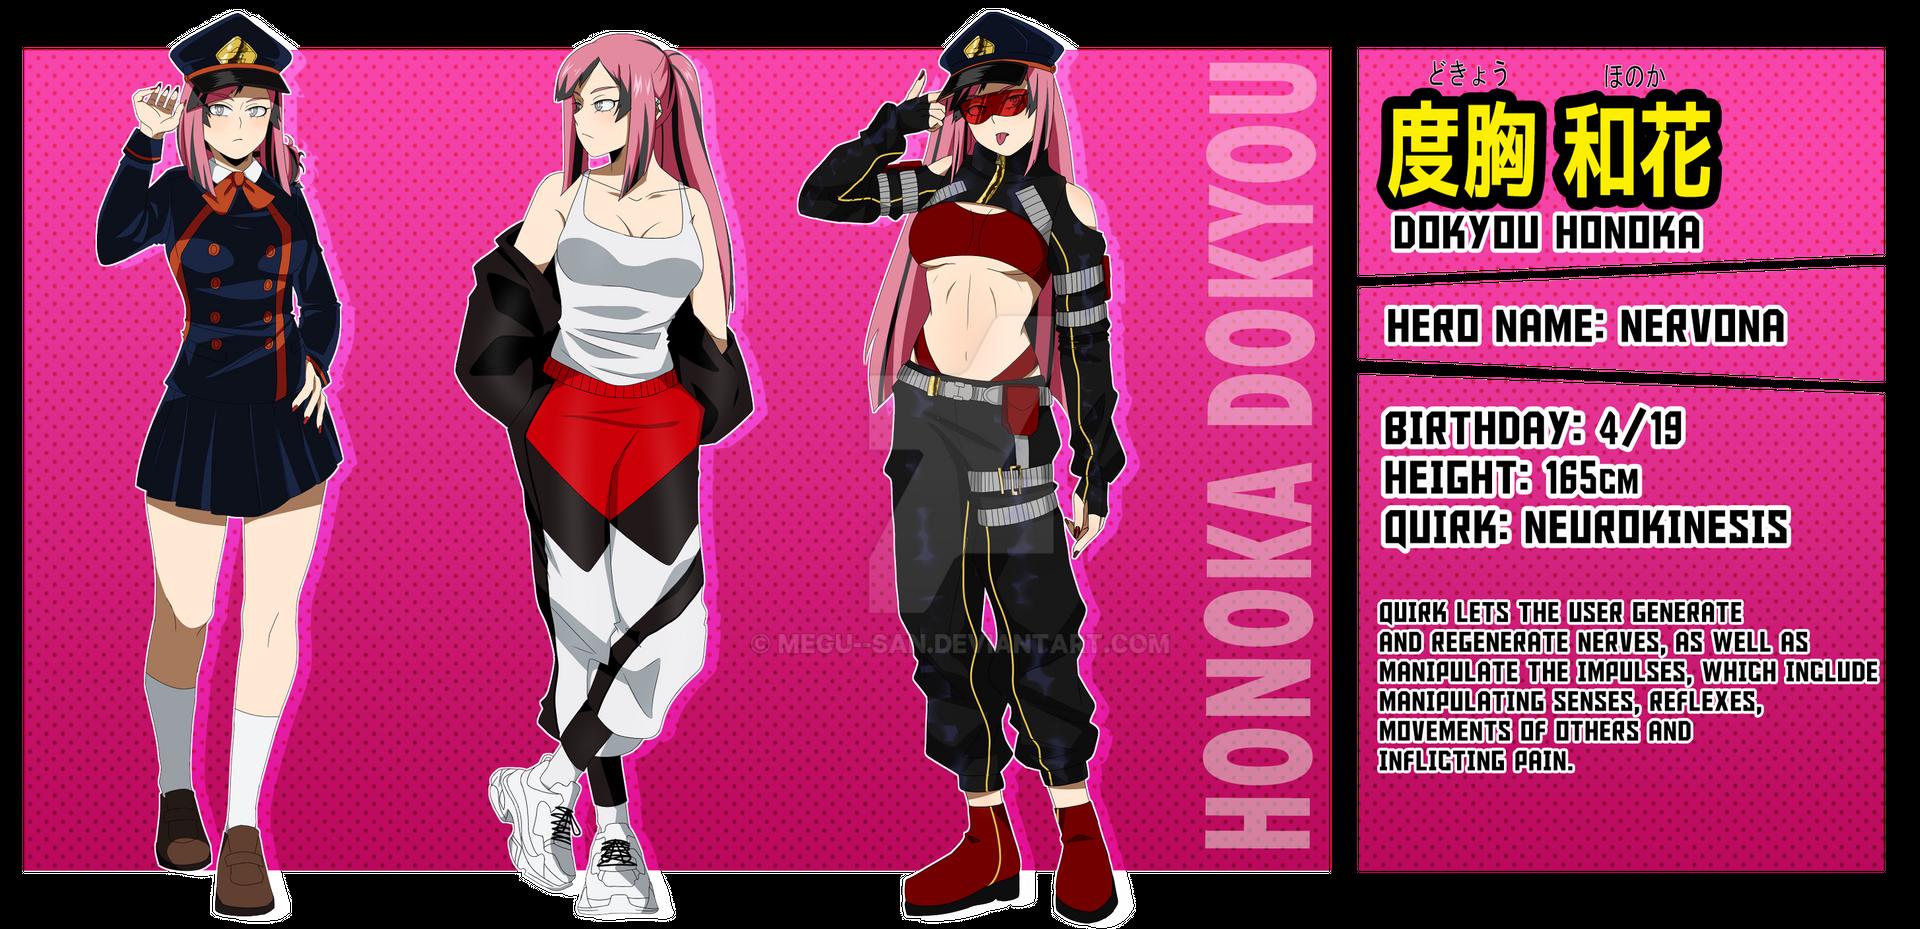 [BNHA OC] Honoka Dokyou by megusan on DeviantArt in